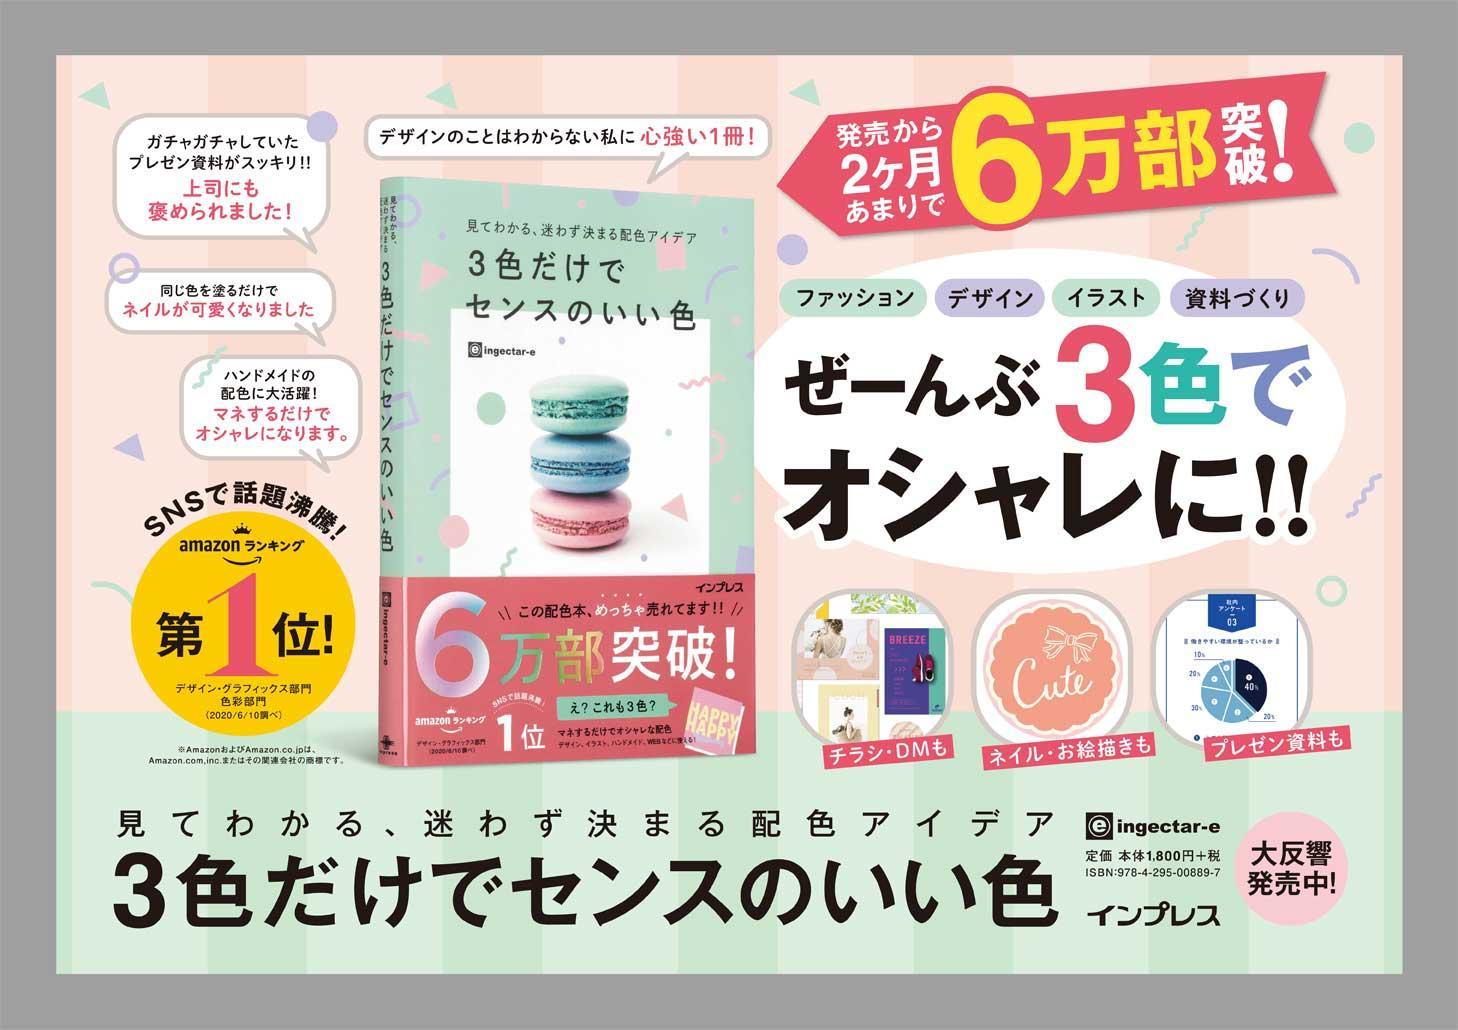 10月16日京王線交通広告